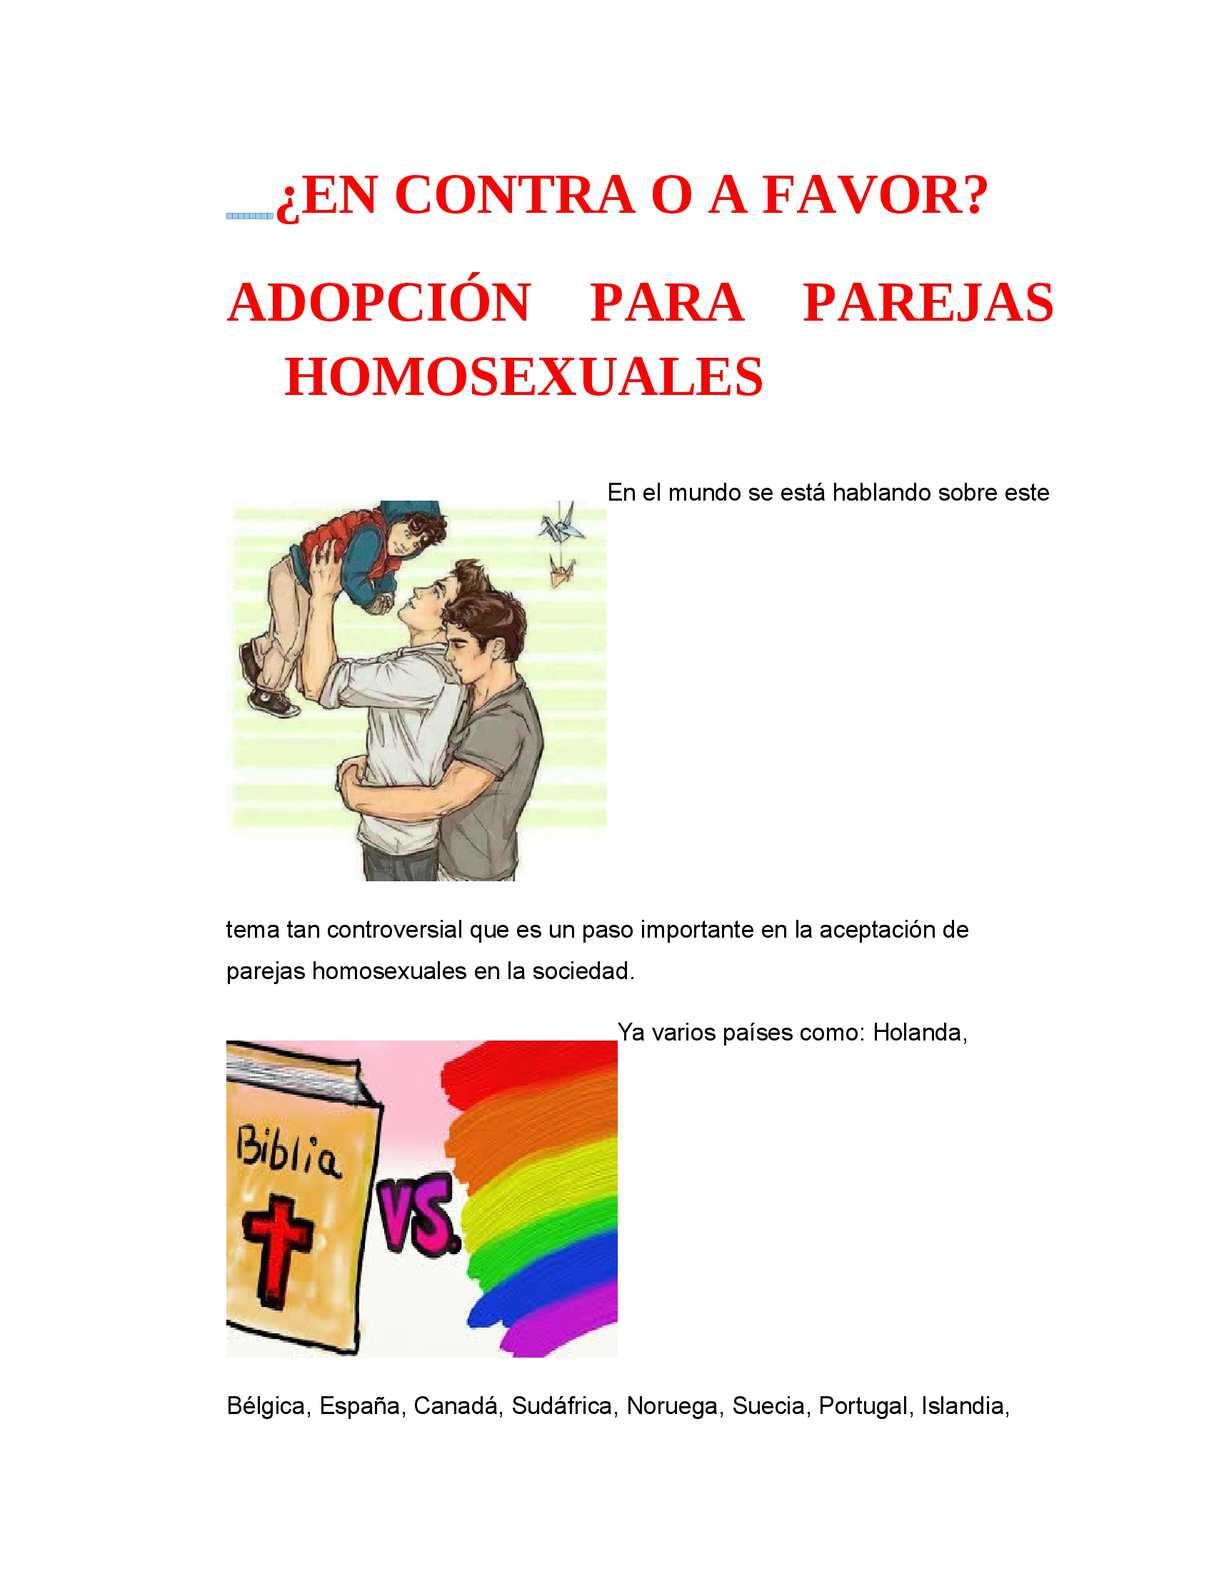 Adopcion en parejas homosexual en contra